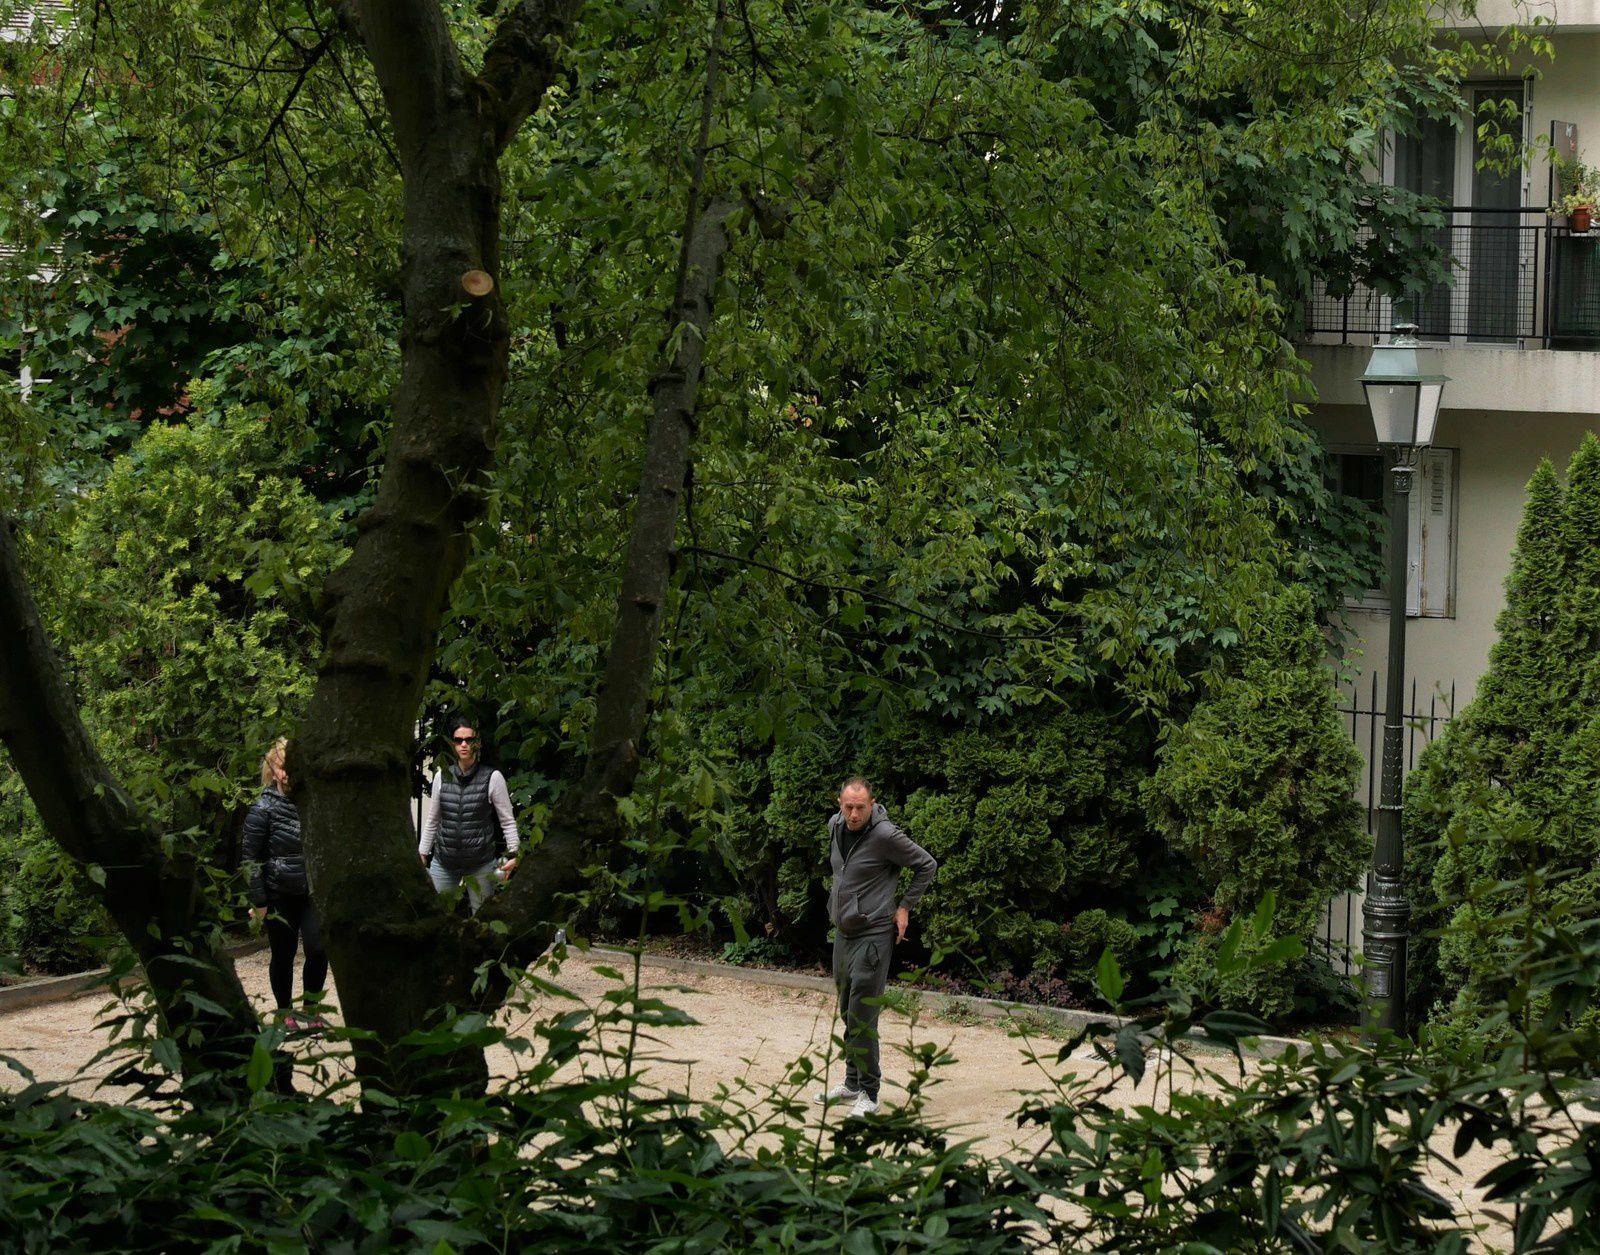 La Turlure. Le moulin. le parc. le square Bleustein Blanchet.